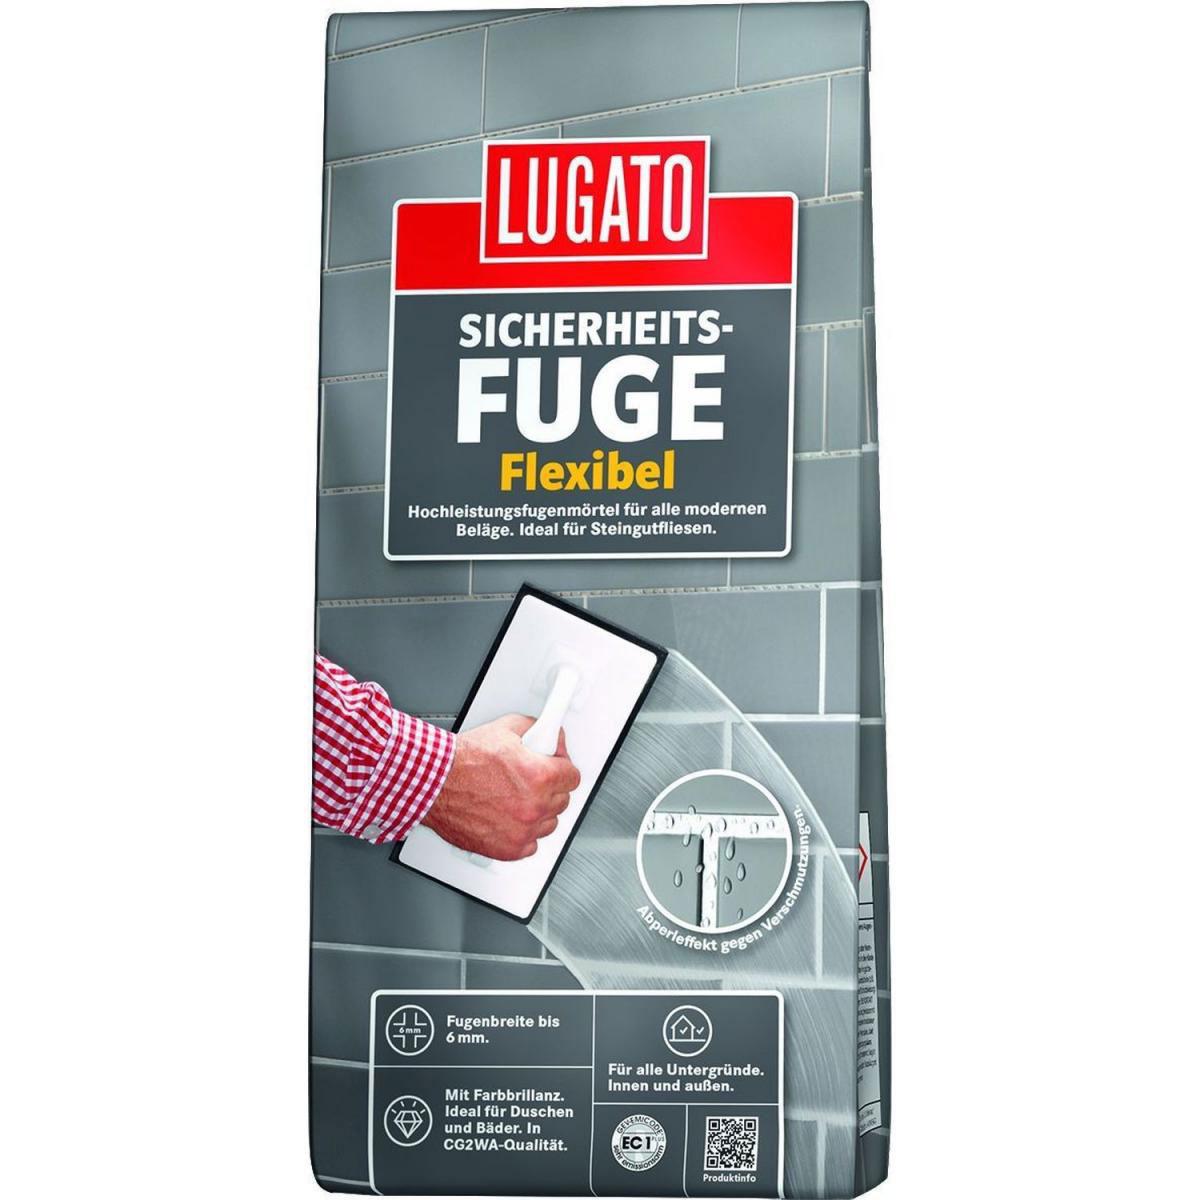 Lugato Sicherheitsfuge, flexibel caramel 5 kg